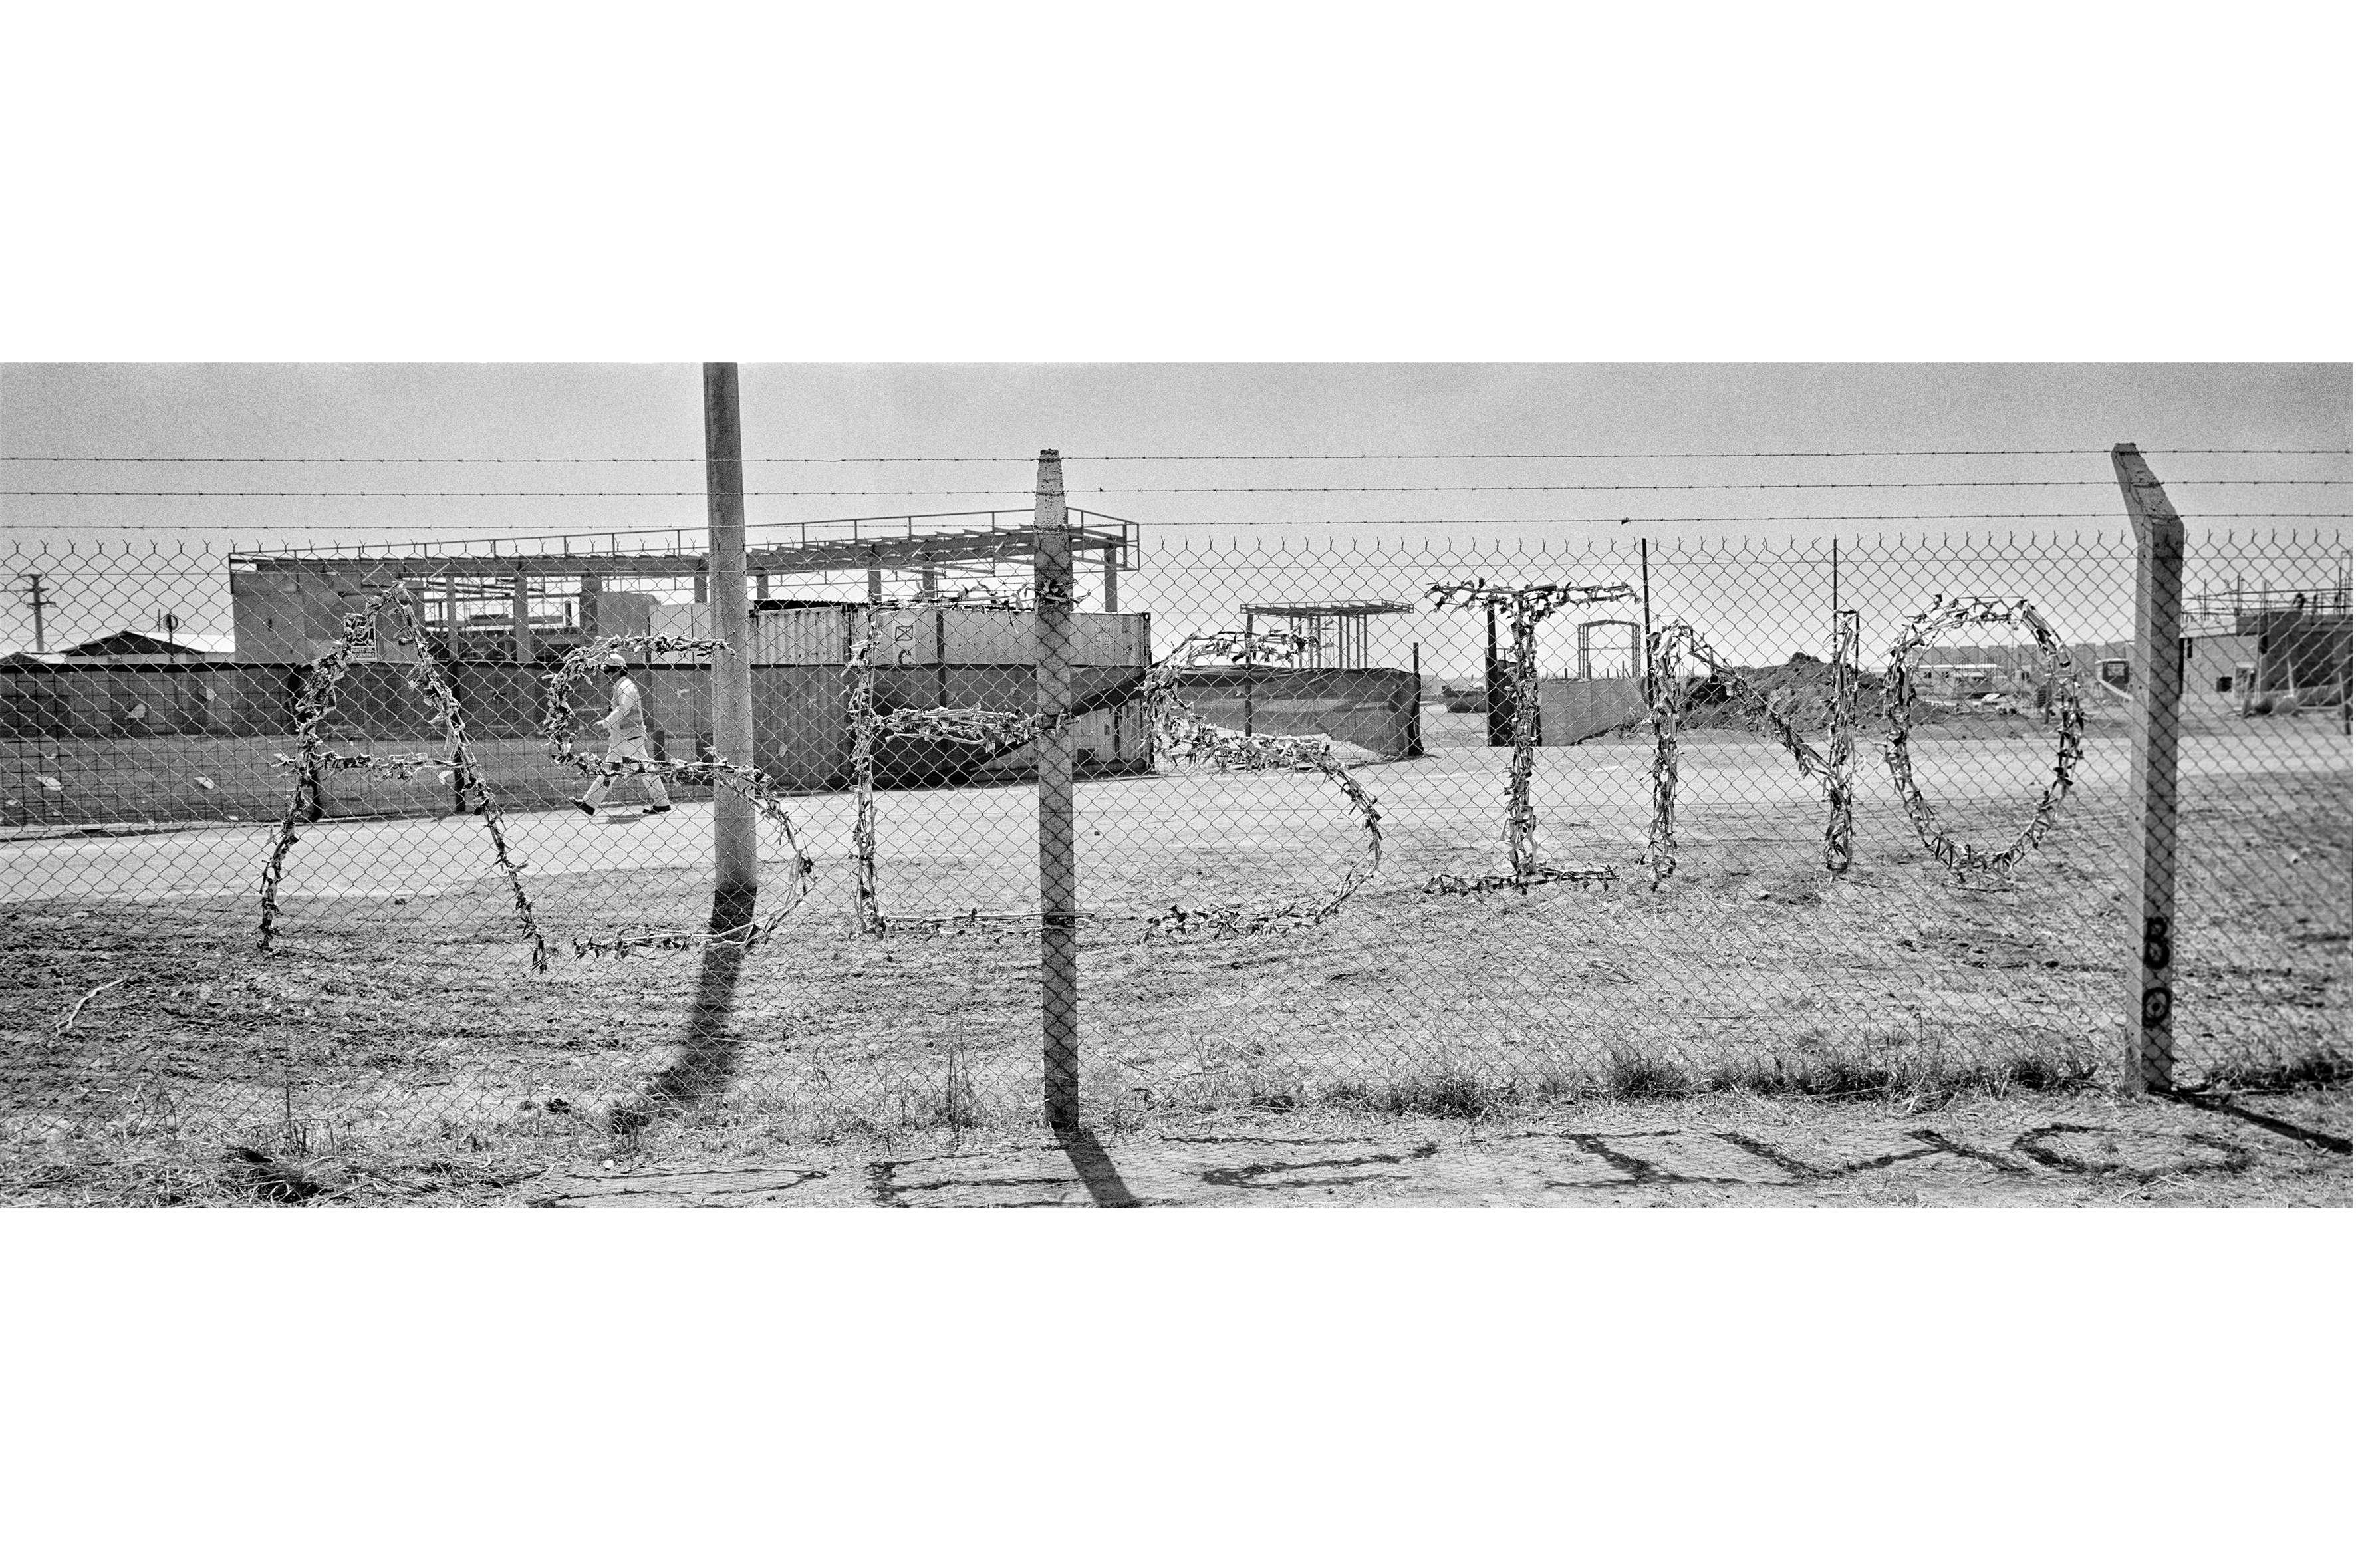 Sur la clôture de l'usine de Monsanto de Cordoba a été tracé me mot«assassin», en octobre 2012.